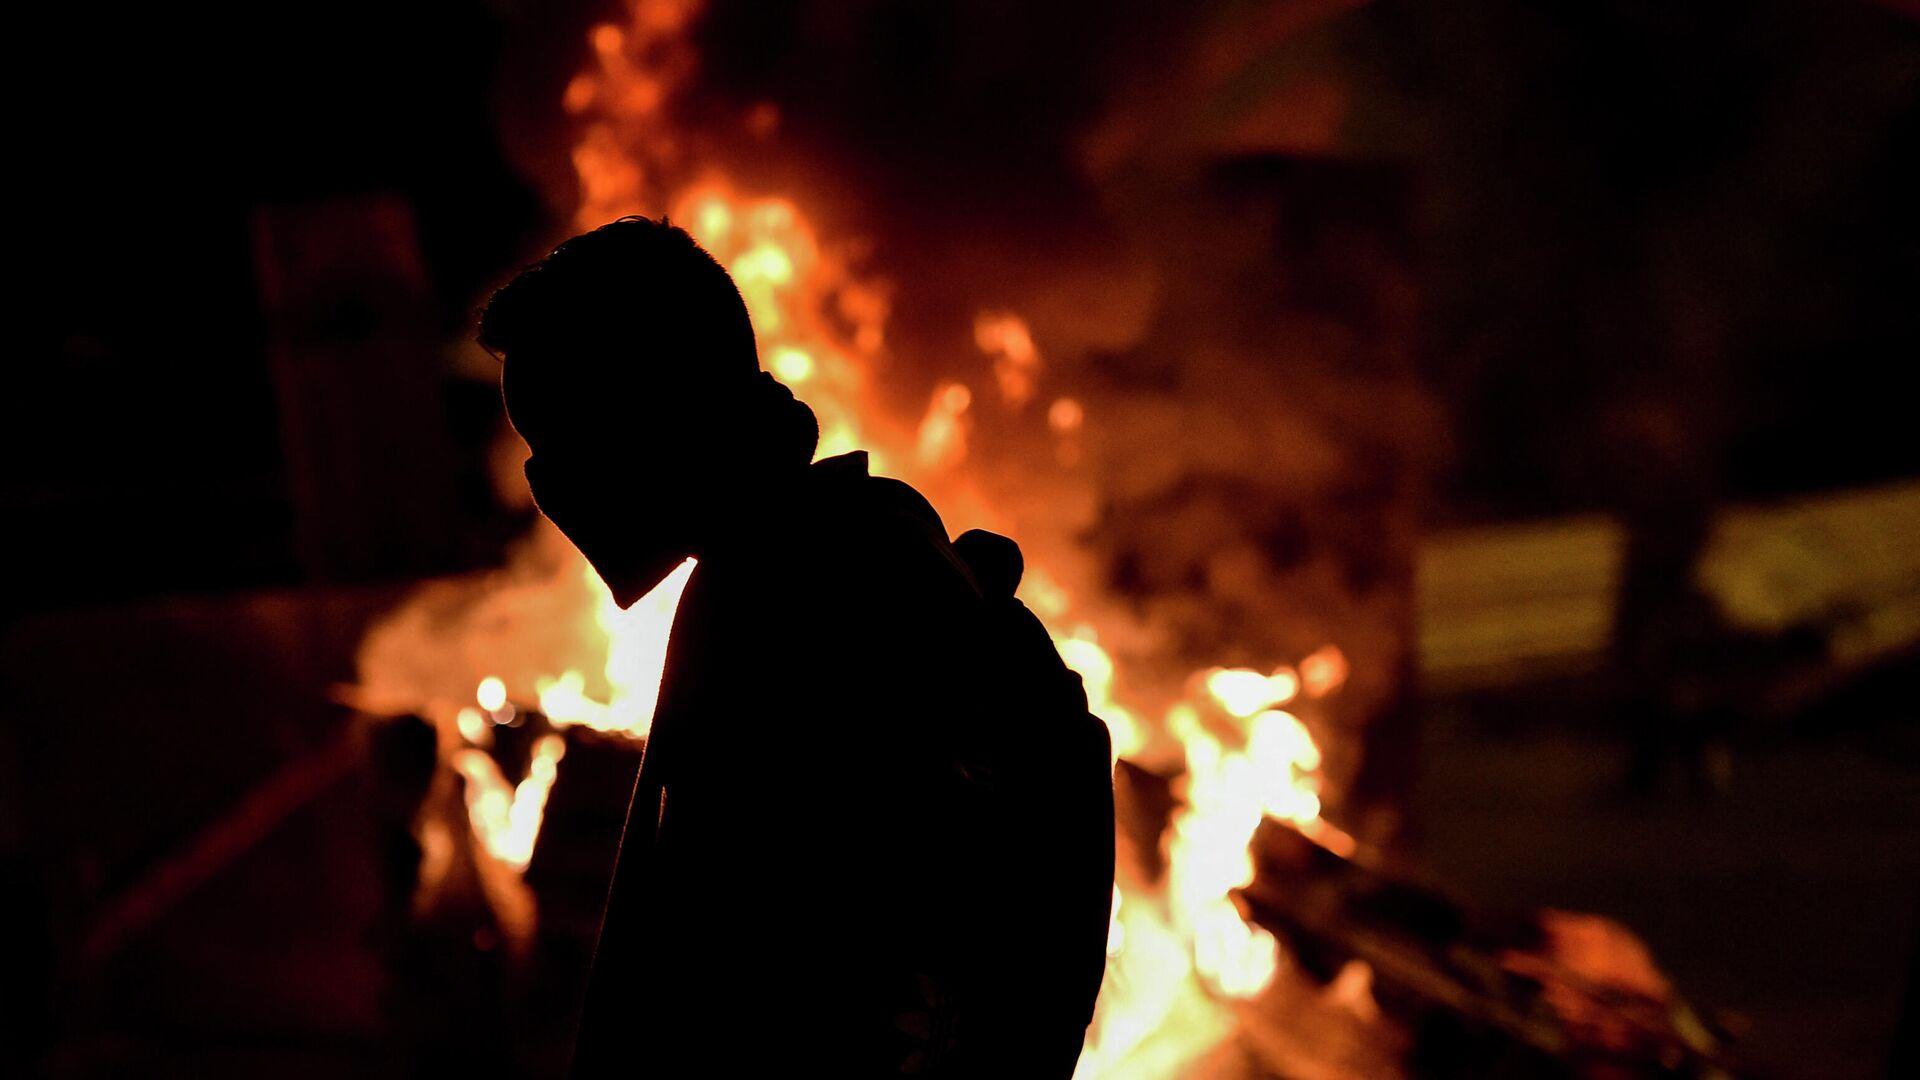 Un manifestante durante una protesta en contra el gobierno colombiano. Cali, 10 de mayo de 2021. - Sputnik Mundo, 1920, 11.05.2021